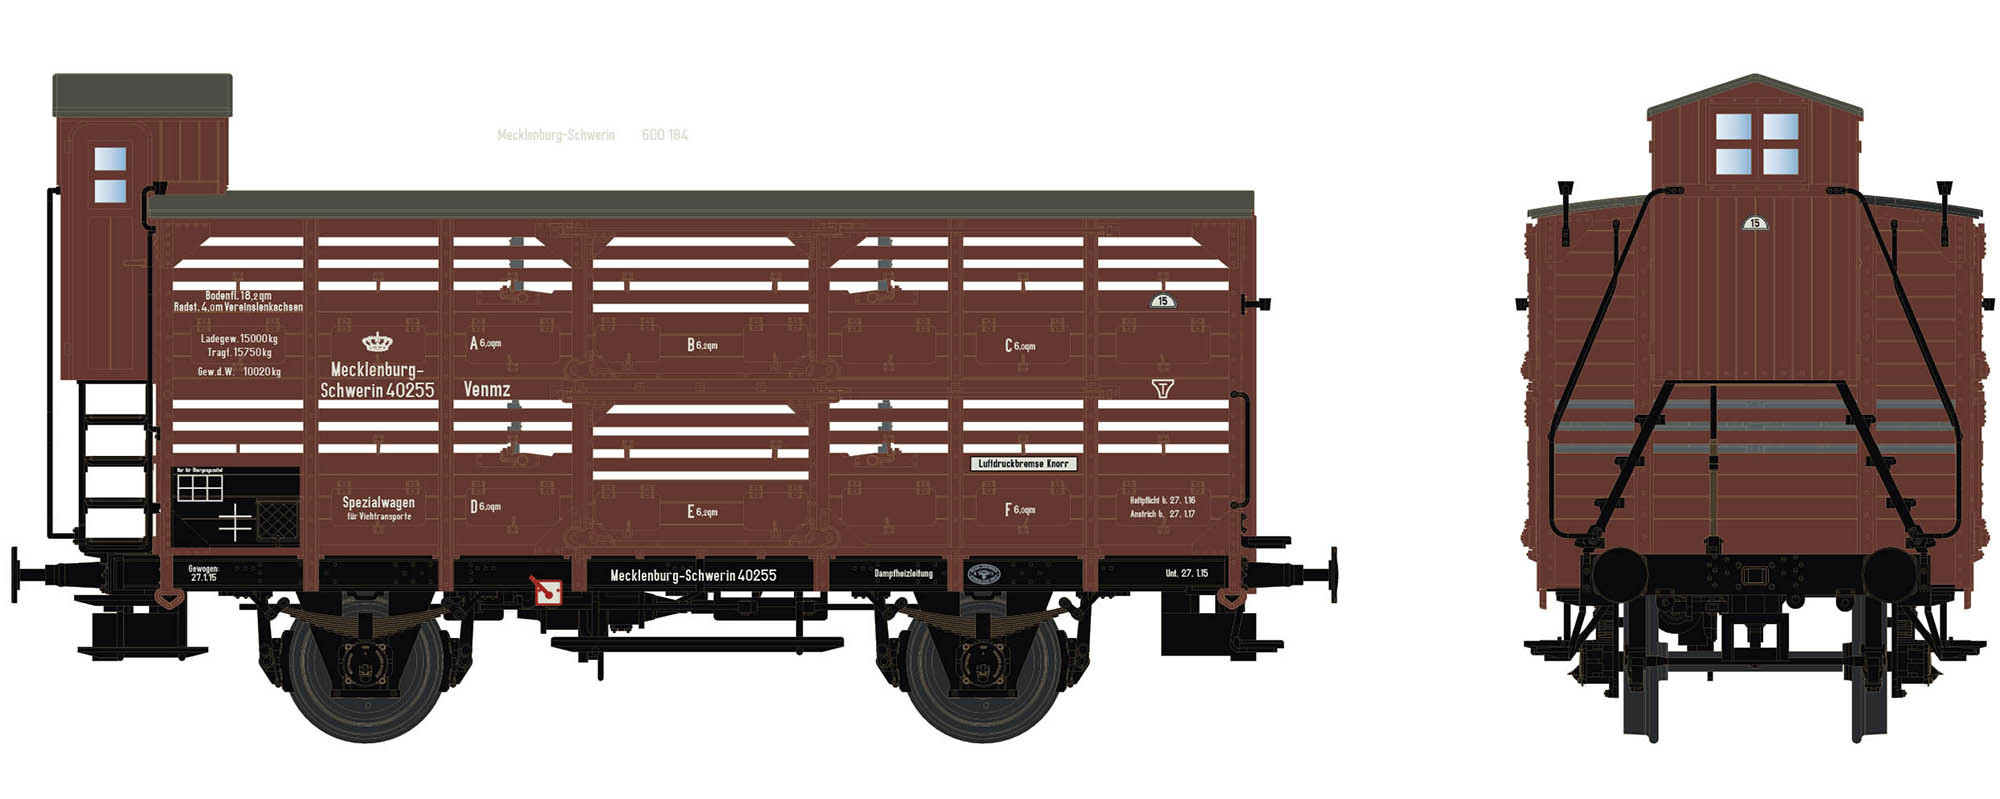 Wagenbausatz Verschlagwagen Vh14, M.F.F.E., Epoche I